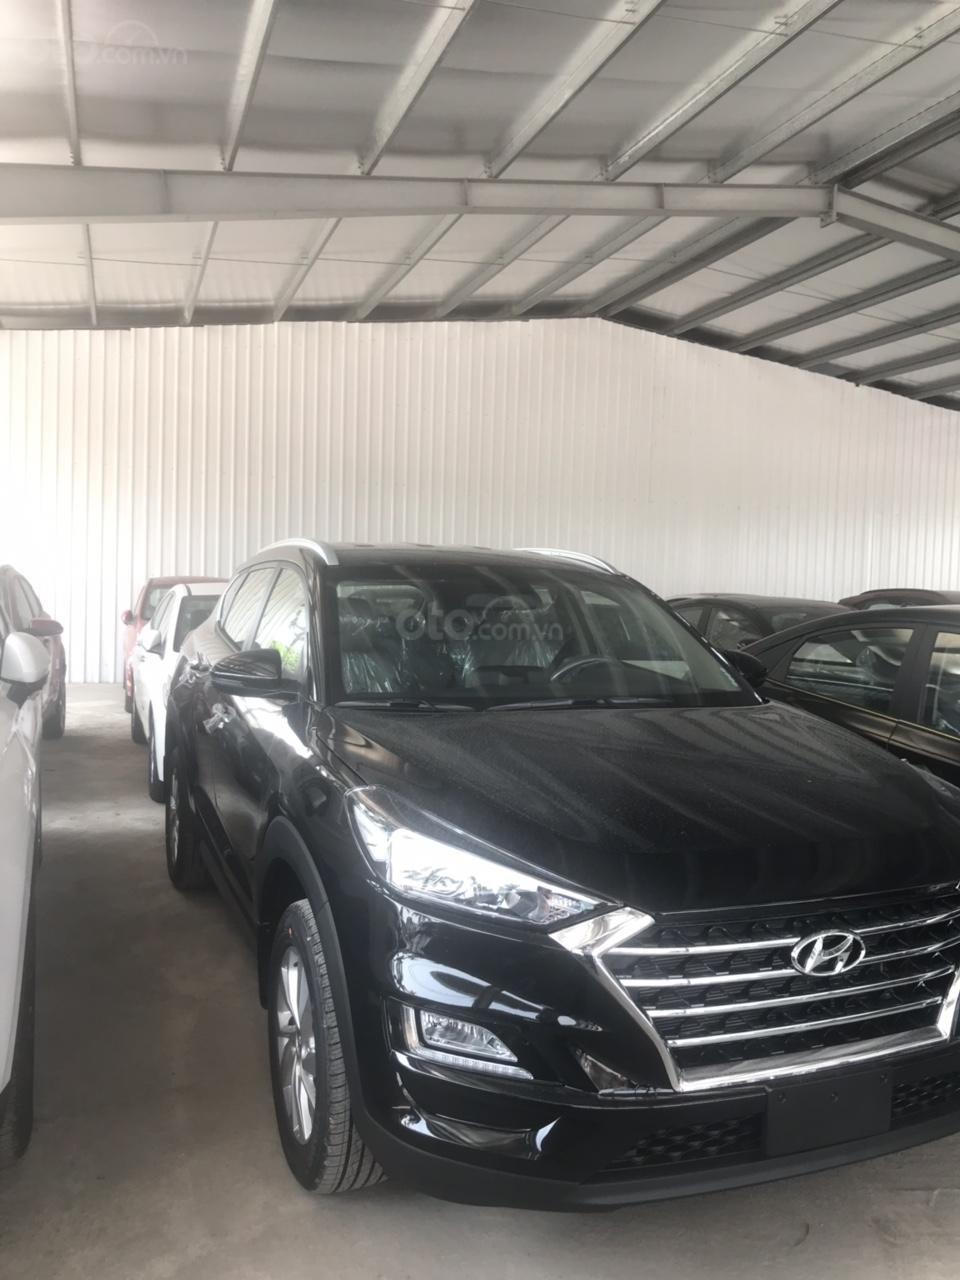 Hyundai Tucson 2019, khuyến mại phụ kiện 15tr, thẻ dịch vụ 20tr, trả góp 80%, giao xe ngay, liên hệ để ép giá 0977308699-5